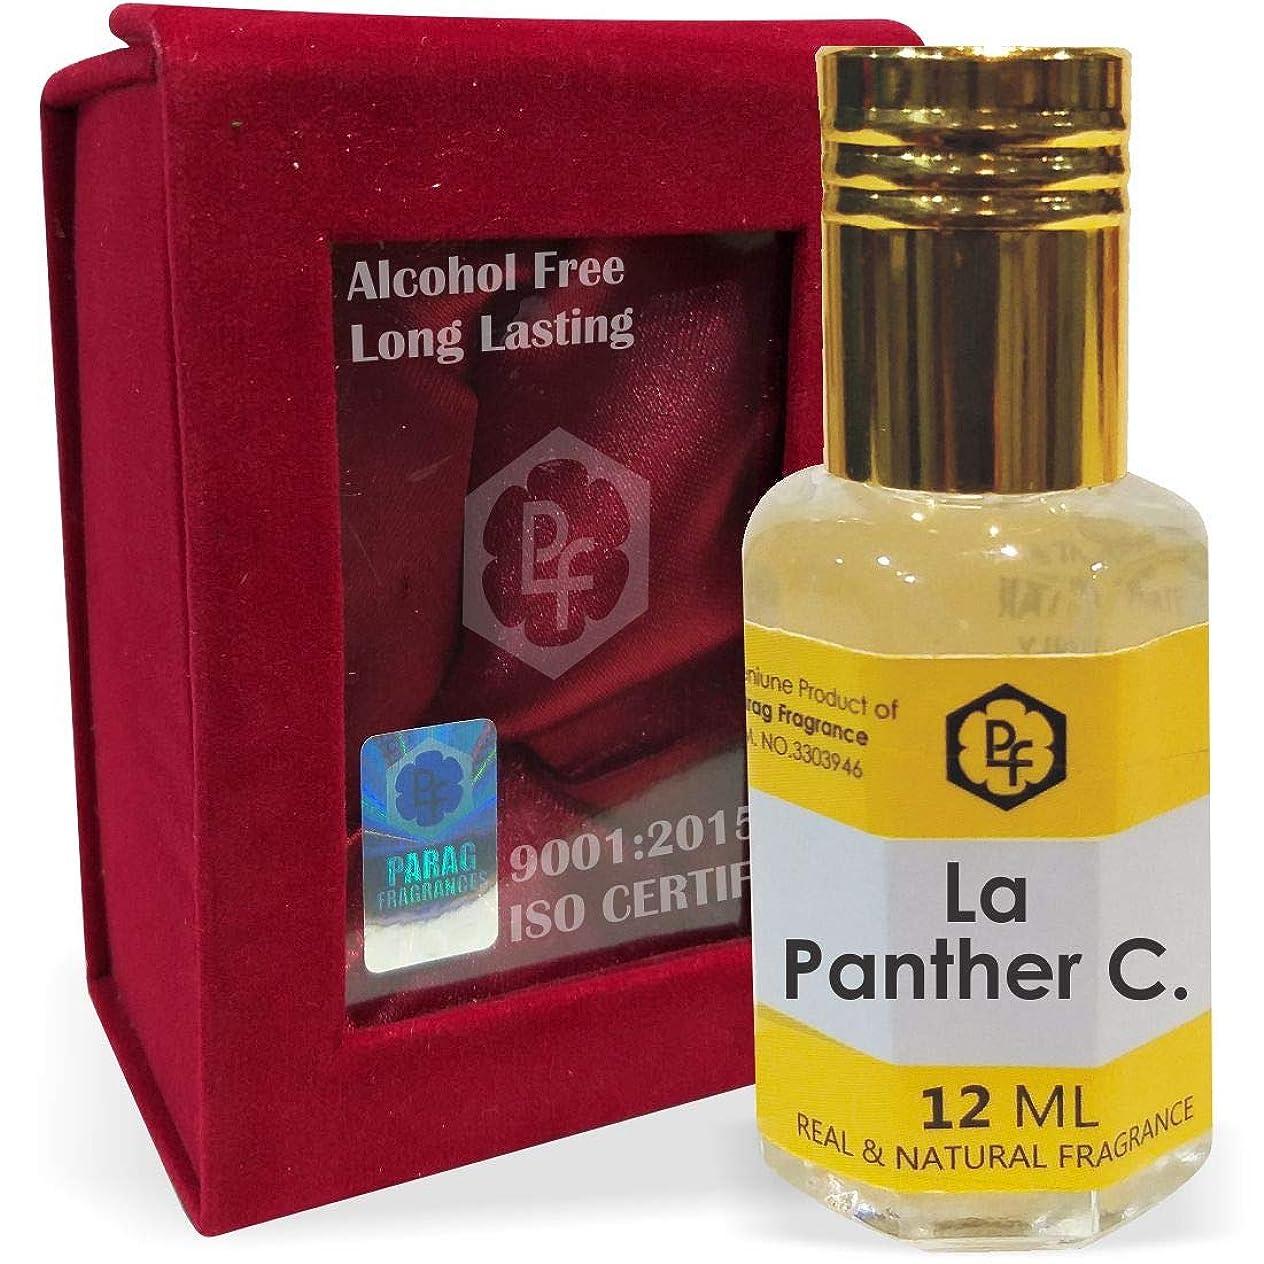 毎週膨張するオプションParagフレグランスラ?パンサー手作りベルベットボックスC. 12ミリリットルアター/香水(インドの伝統的なBhapka処理方法により、インド製)オイル/フレグランスオイル|長持ちアターITRA最高の品質